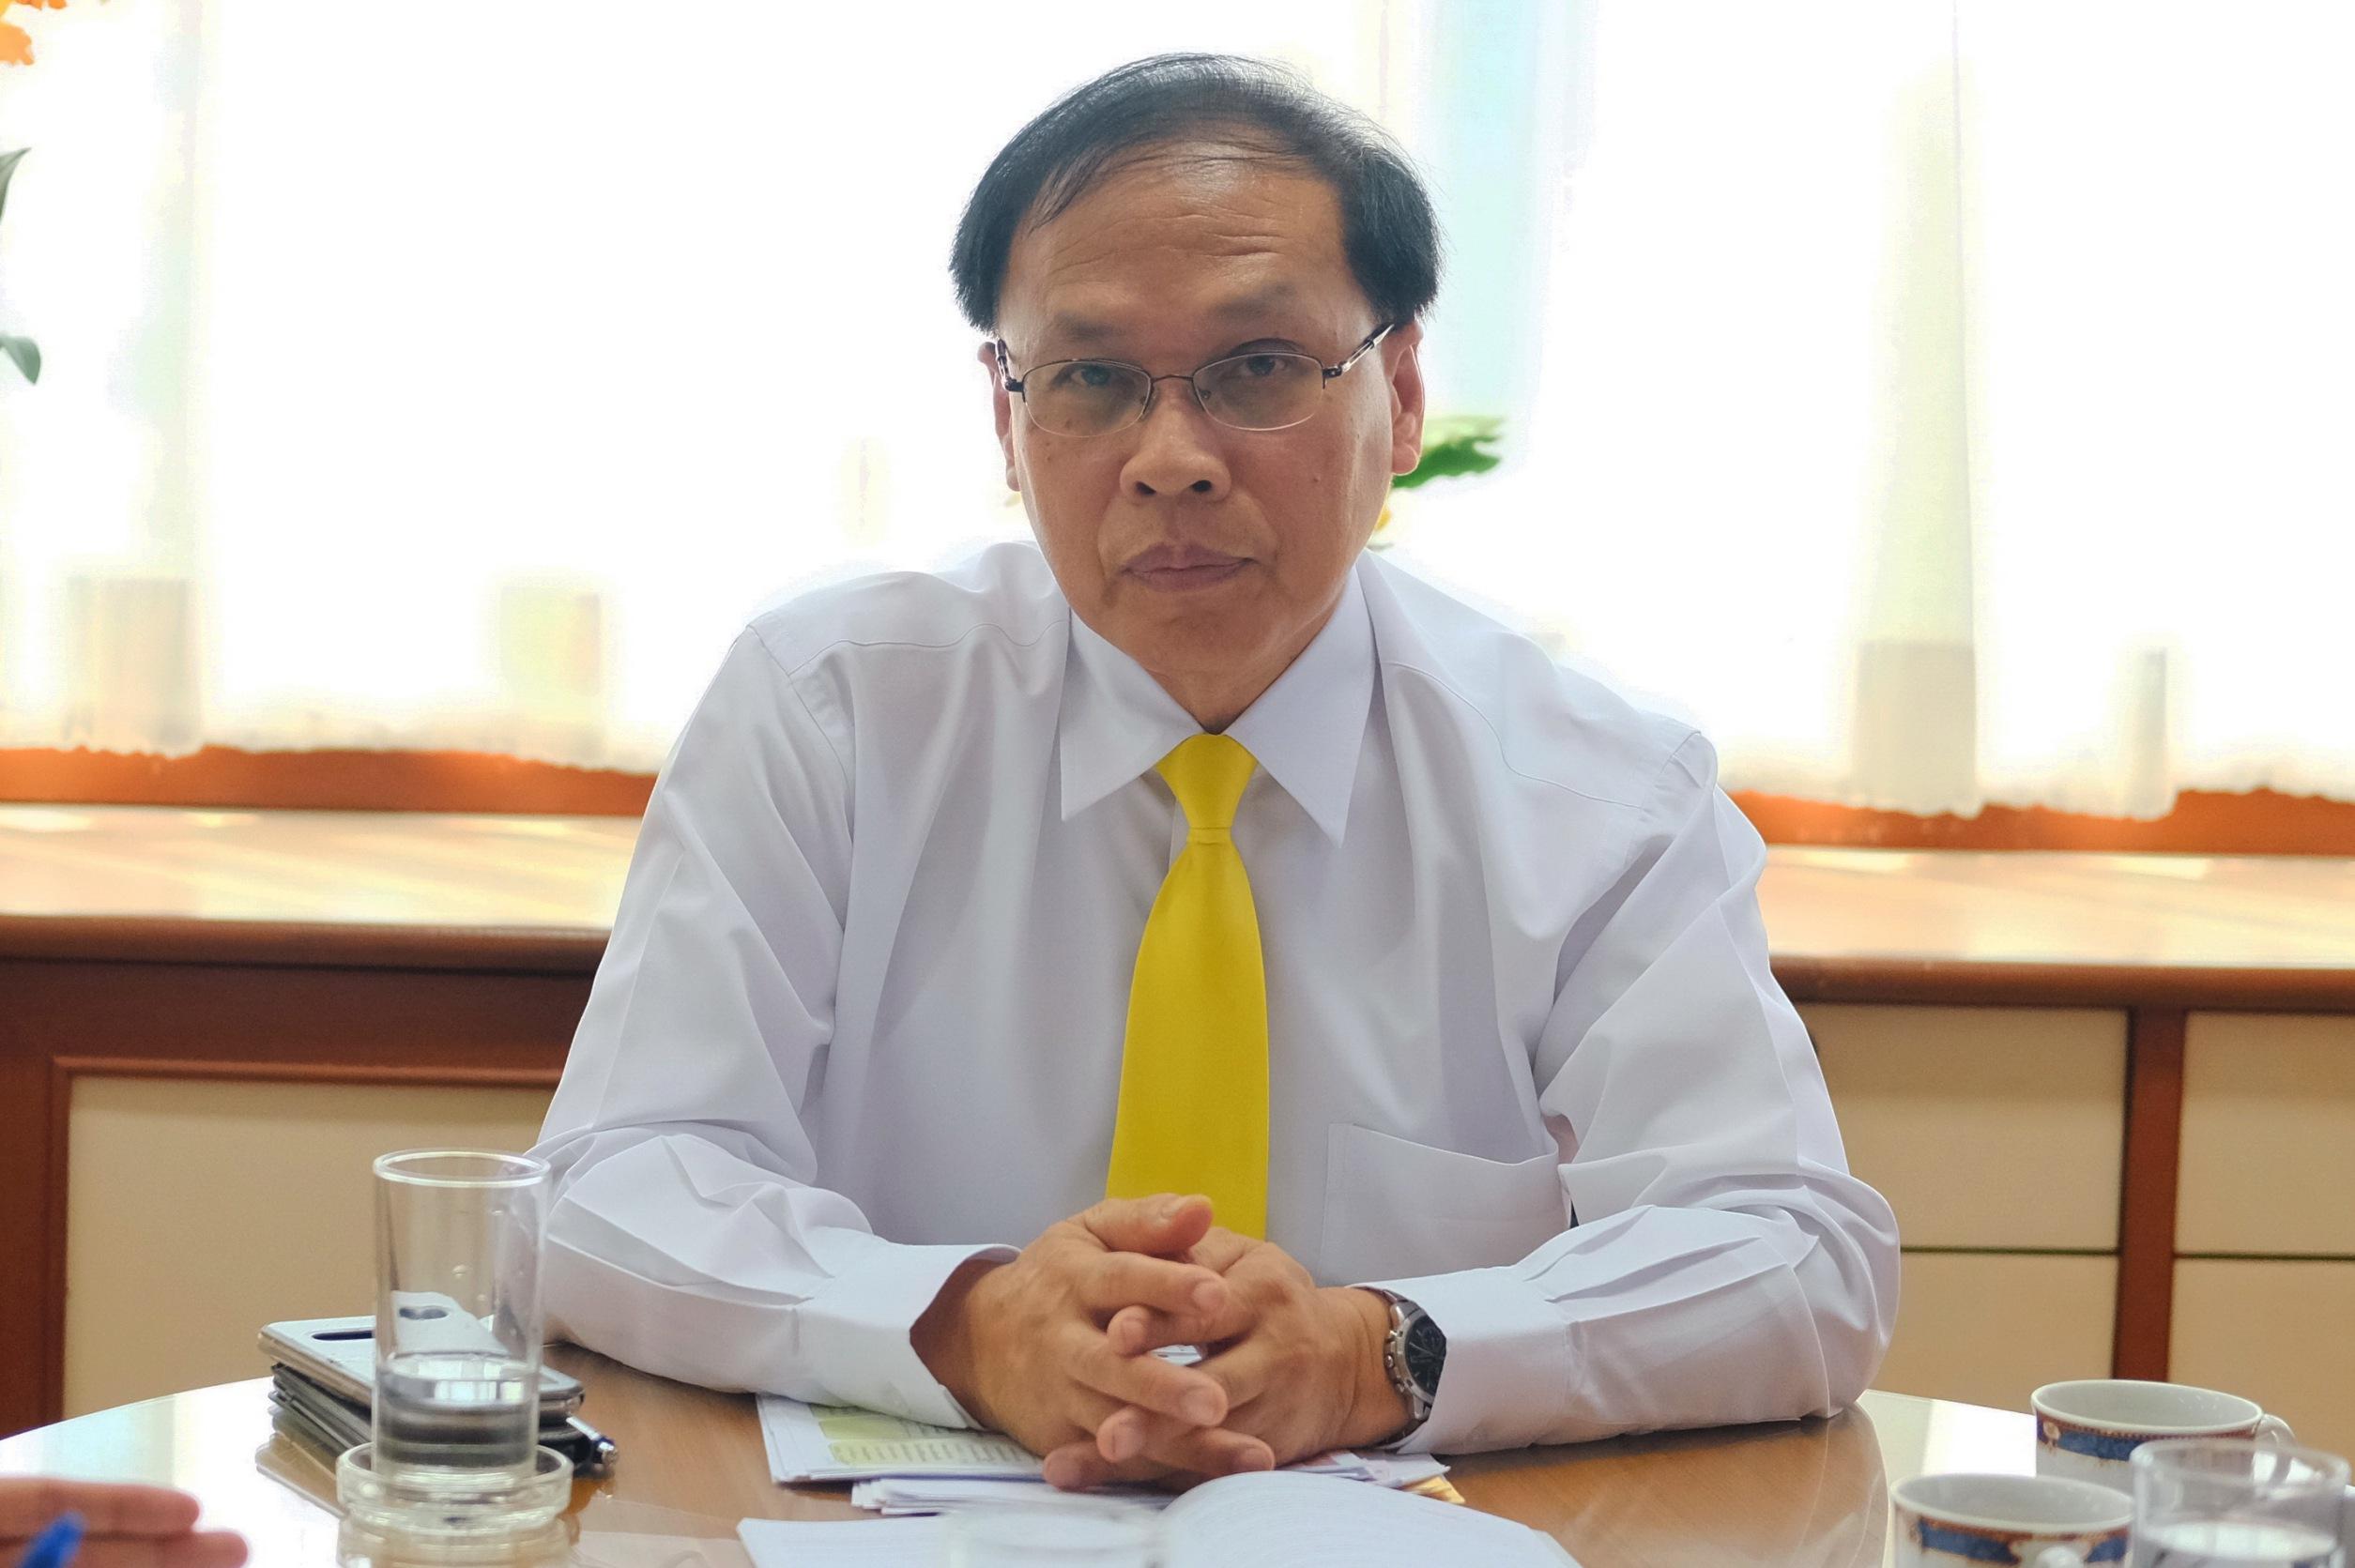 รองอธิบดีกรมการจัดหางาน ให้การต้อนรับรองอธิบดีกรมการกงสุล พร้อมบริษัทจัดหางาน เพื่อหารือเรื่องแรงงานไทยที่อุซเบกิสถาน